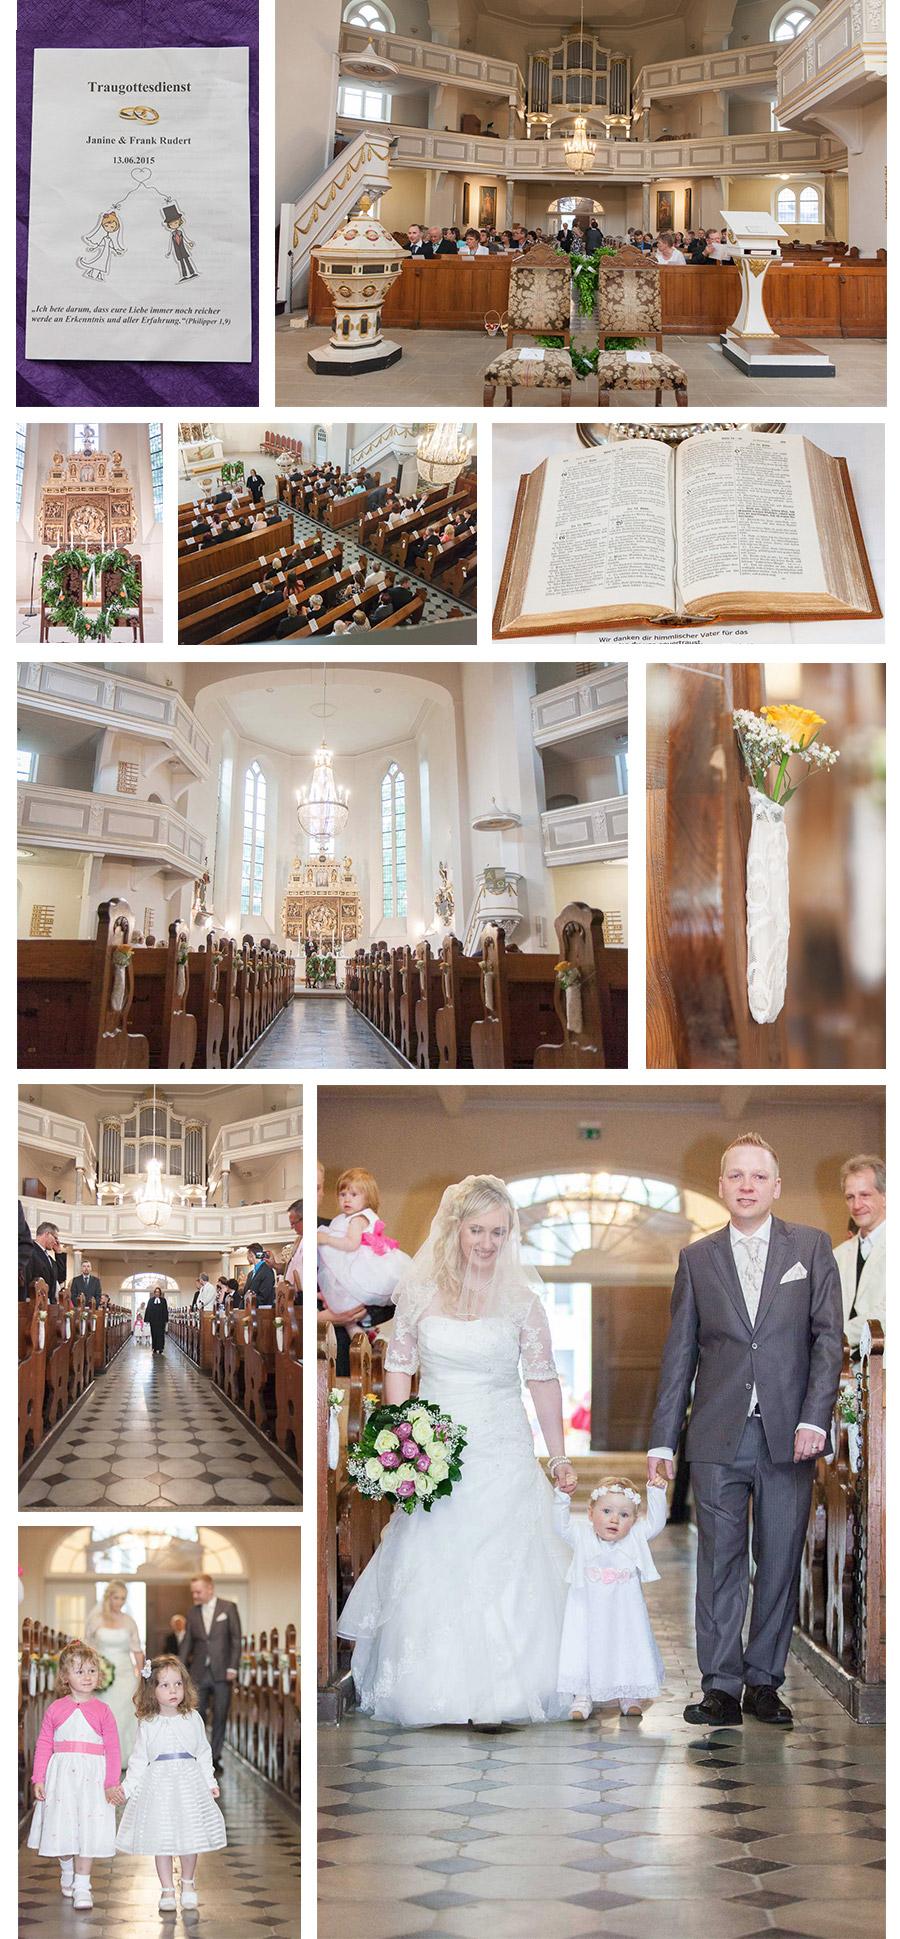 Kirchliche Trauung in Lutherkirche in Plauen – Hochzeits- und Portraitfotografin Stephanie Scharschmidt